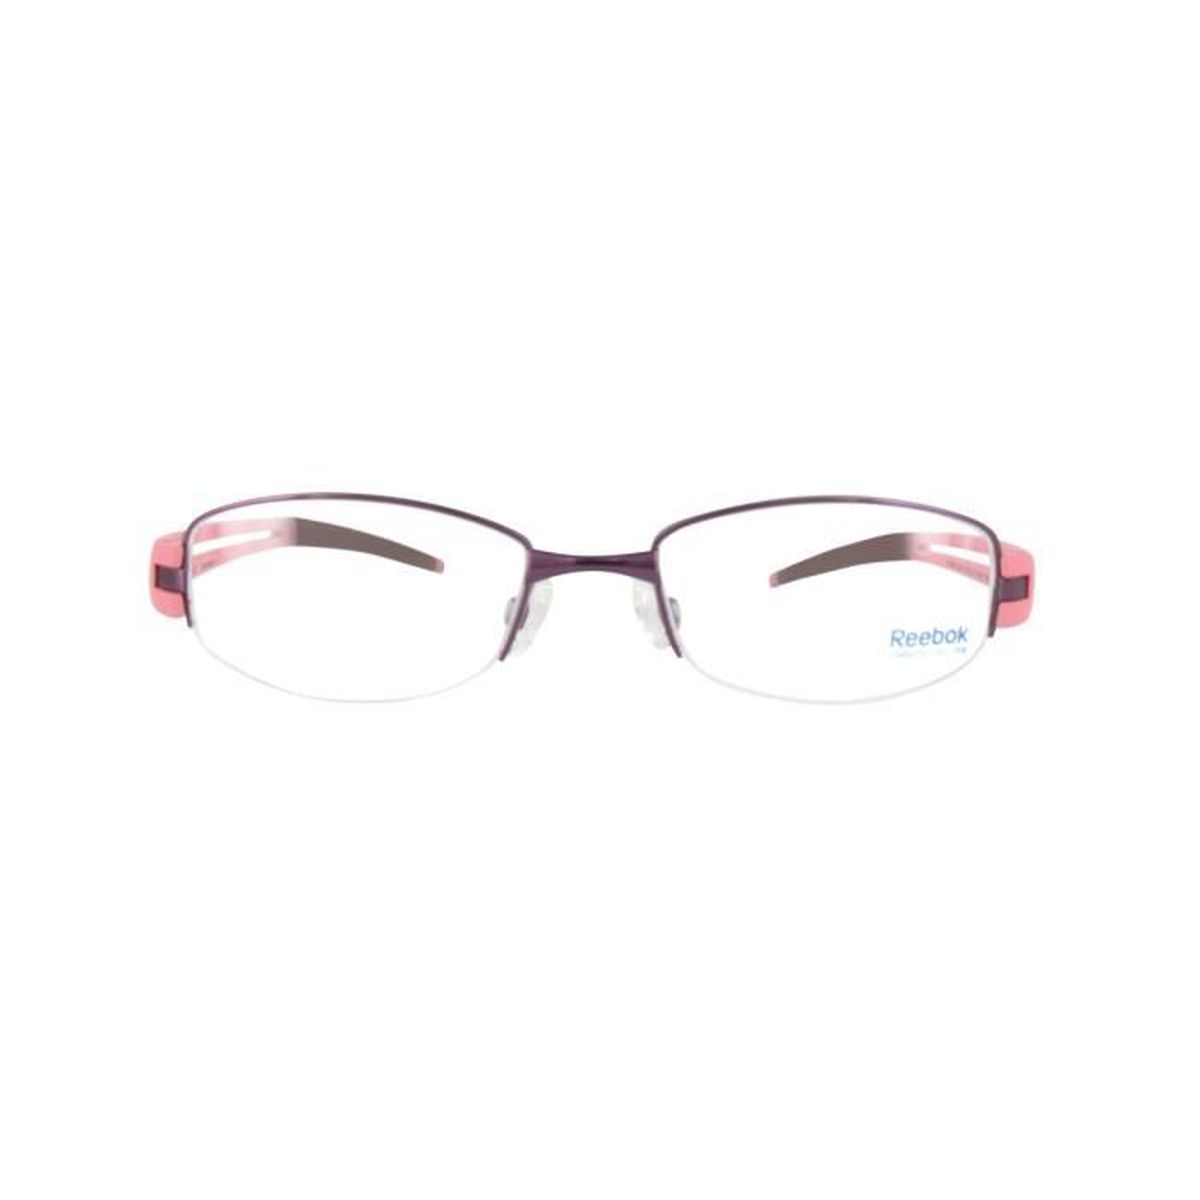 reebok lunettes femme violet